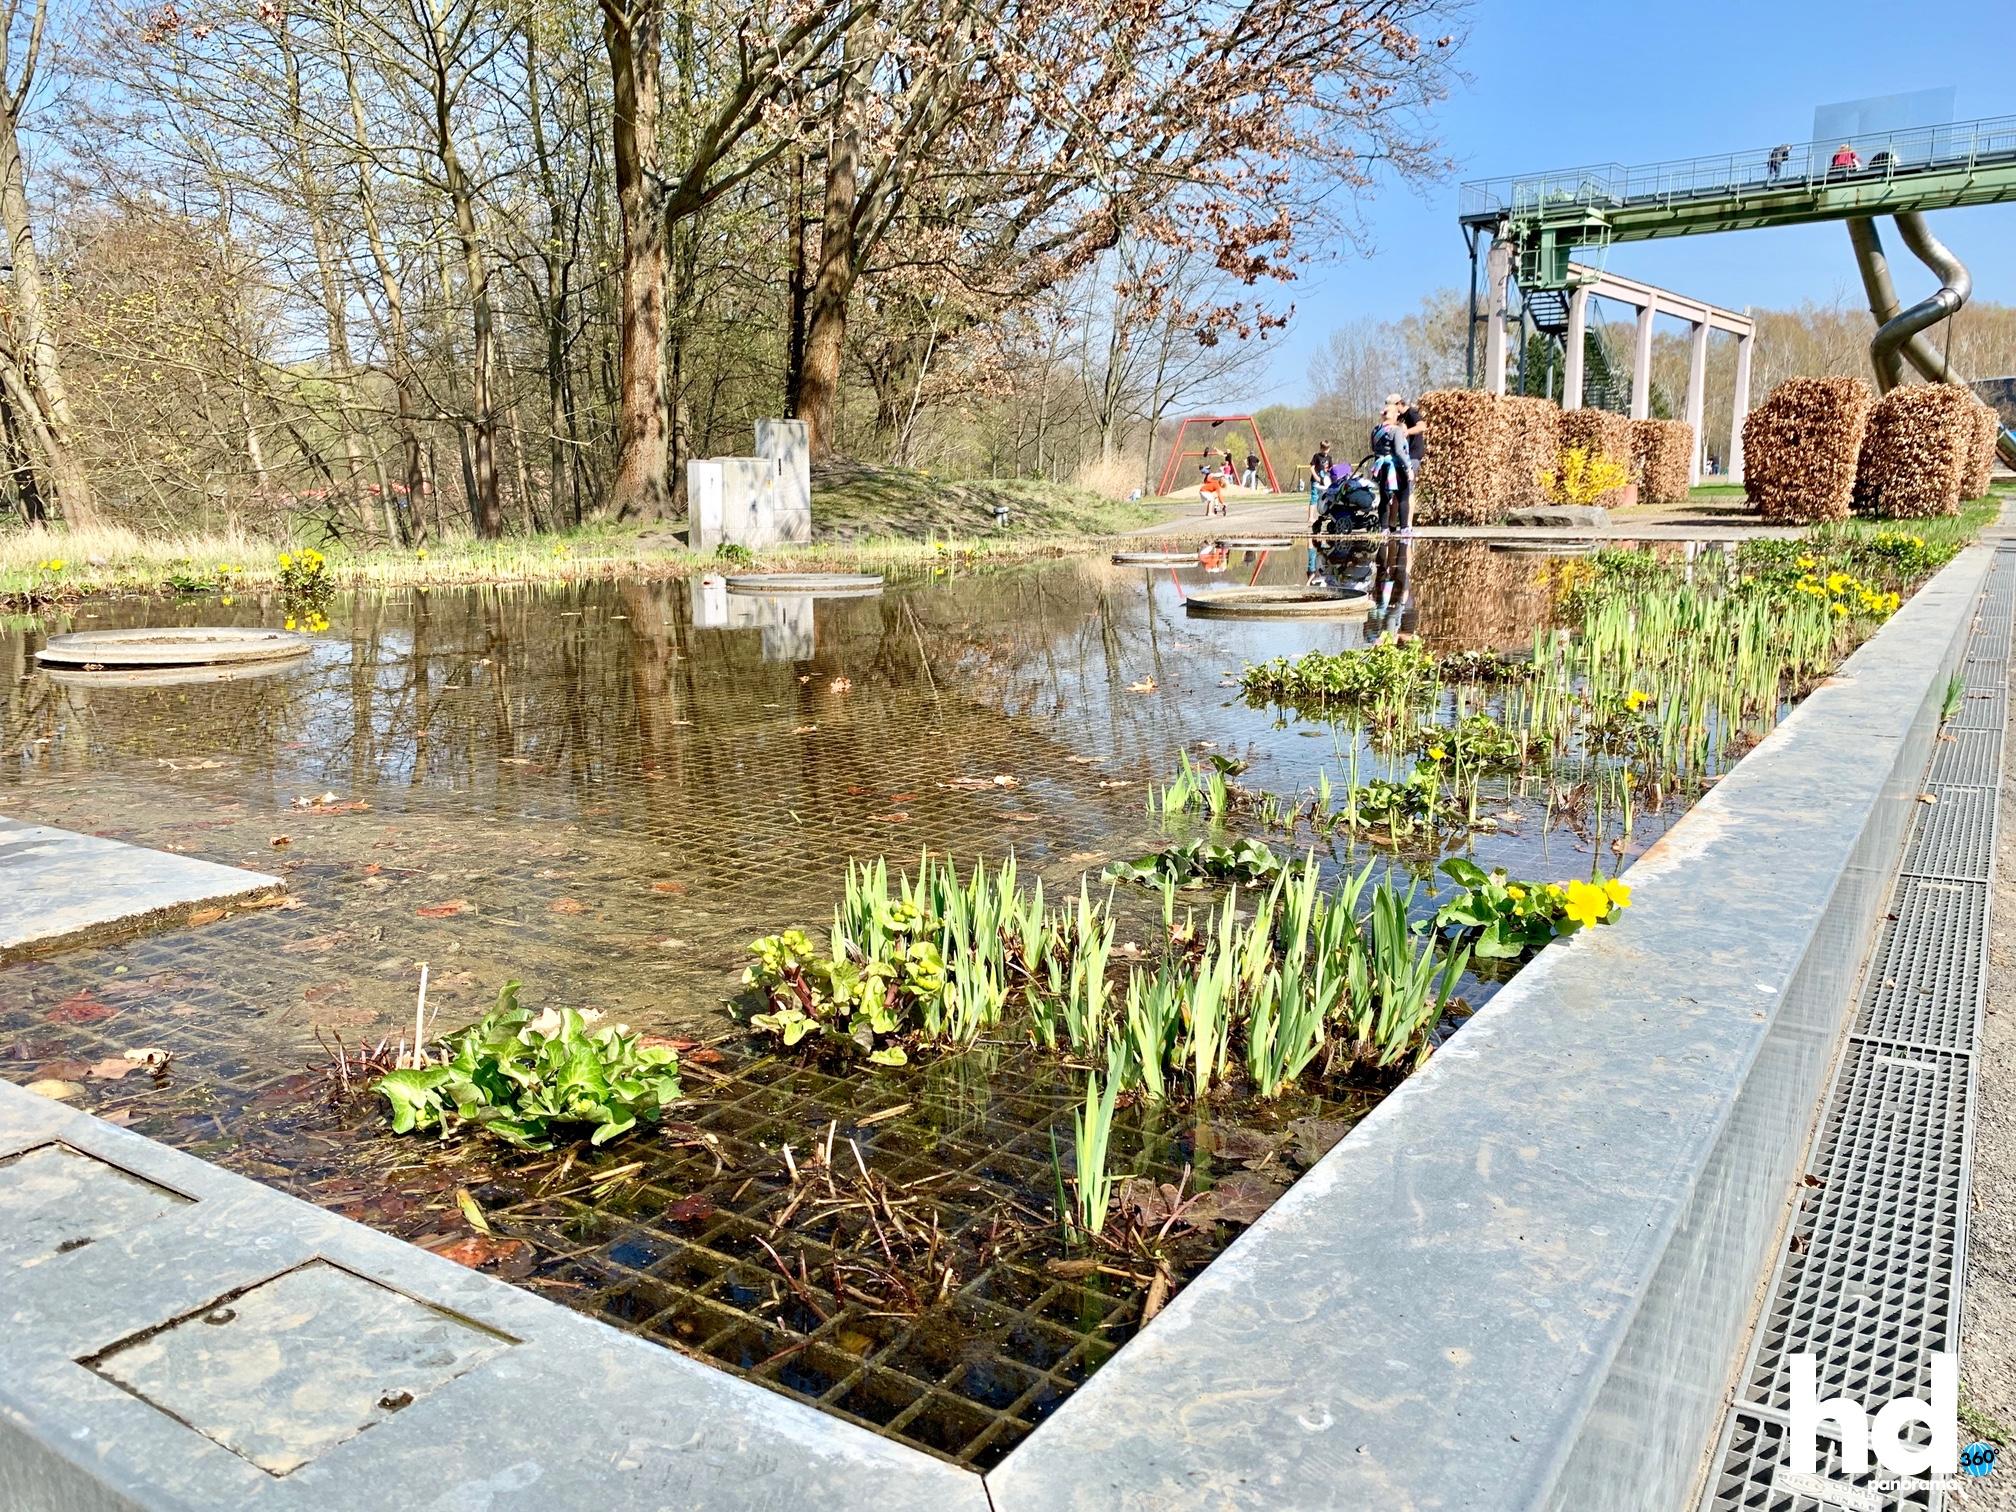 Familiengarten Eberswalde – Fahr doch mal nach Brandenburg